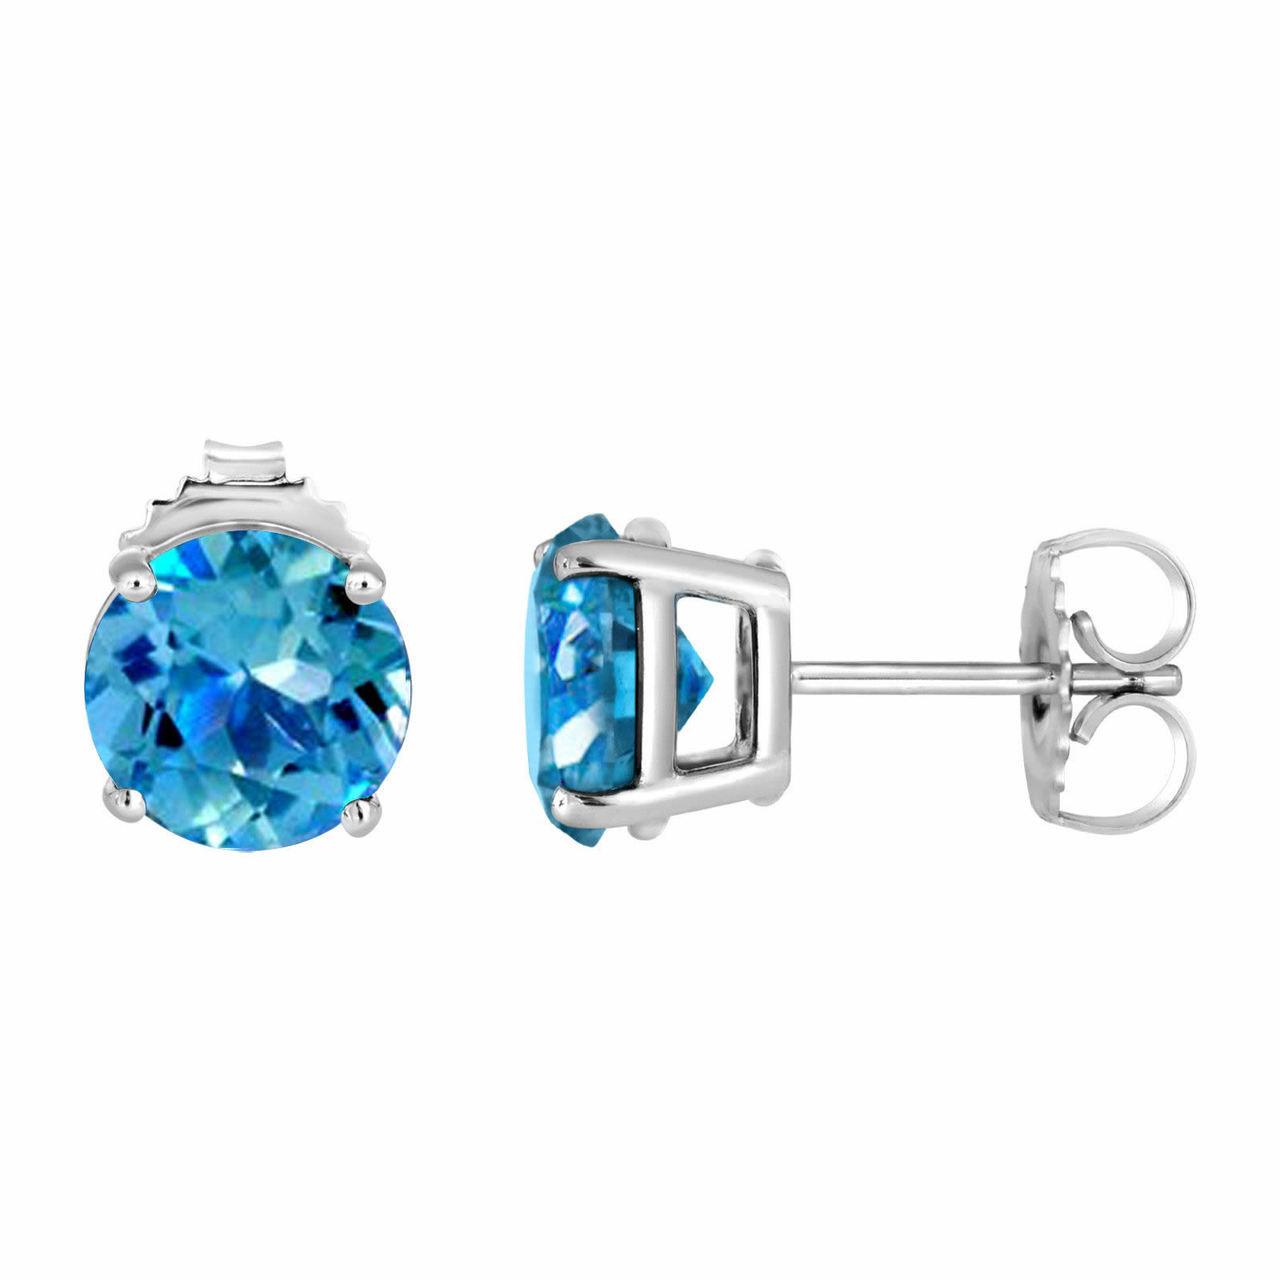 ff9bc963b Blue Topaz Stud Earrings 14K White Gold 2.00 Carat VVS1 HandMade Birthstone